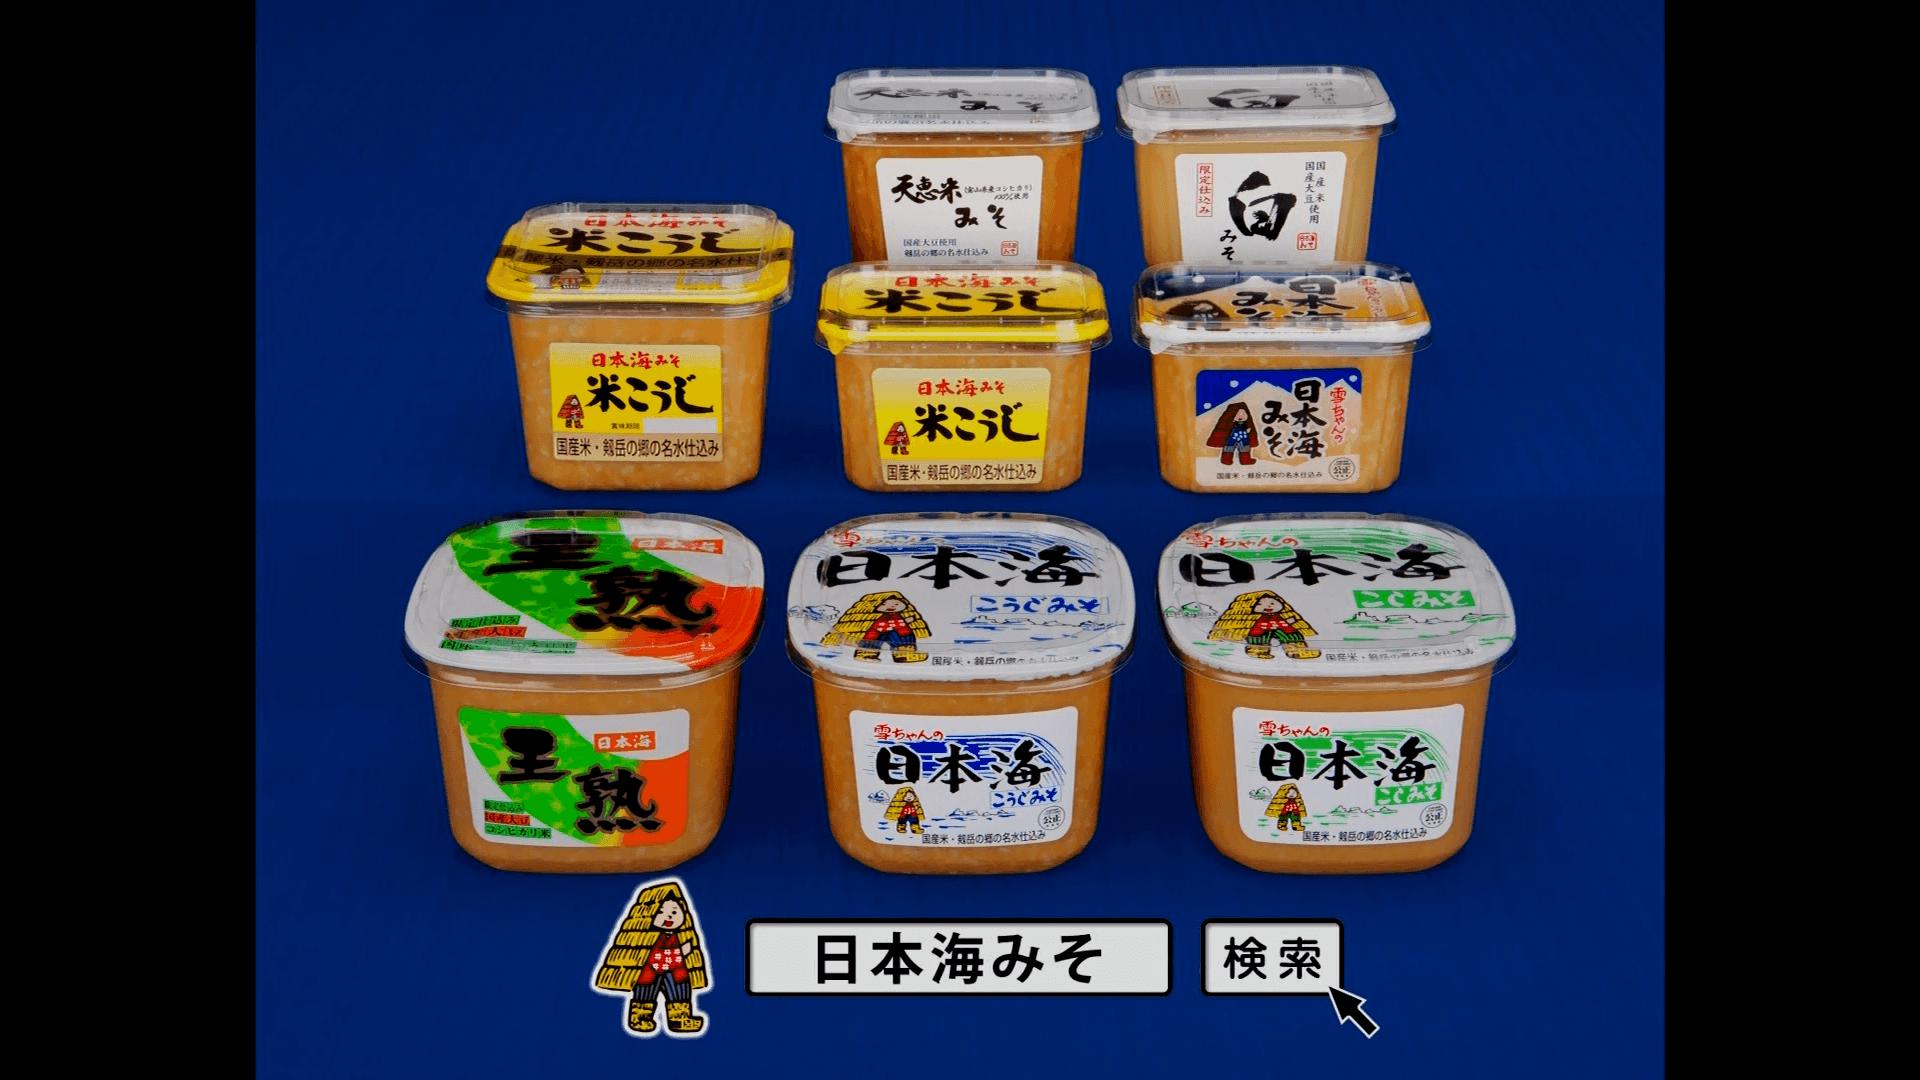 日本海味噌のCMがHDリマスター版になっていた件www